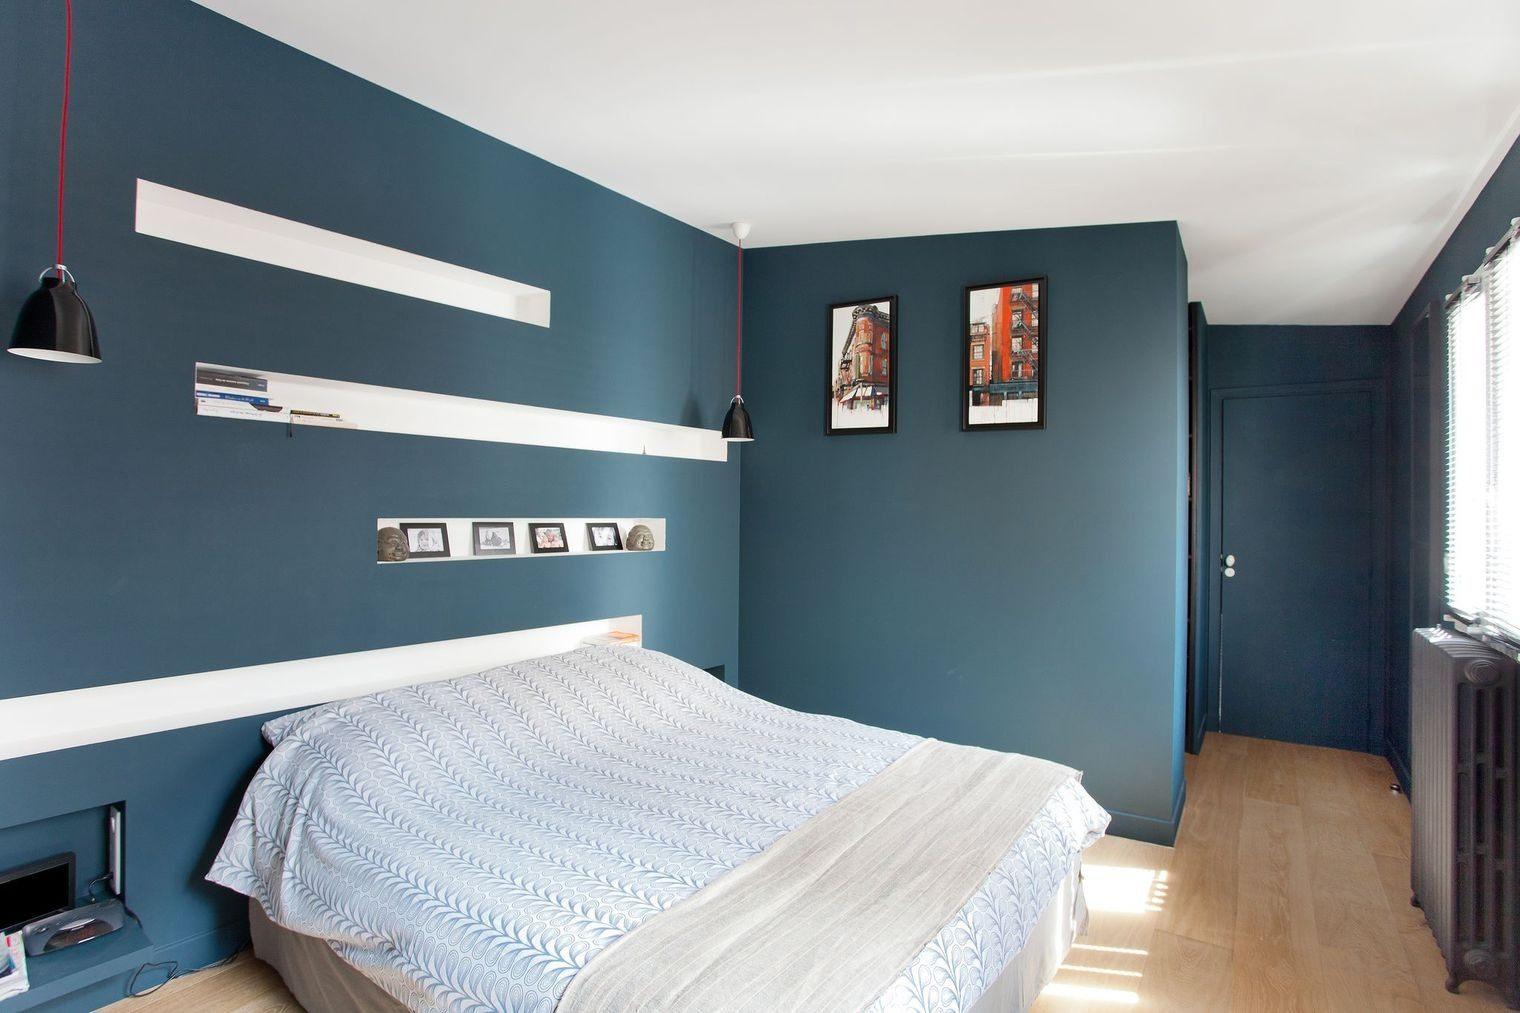 Tete De Lit Avec Niche Fraîche Magnifique Chambre Peinture Idee Parentale Lzzy Co Bleu Et Gris